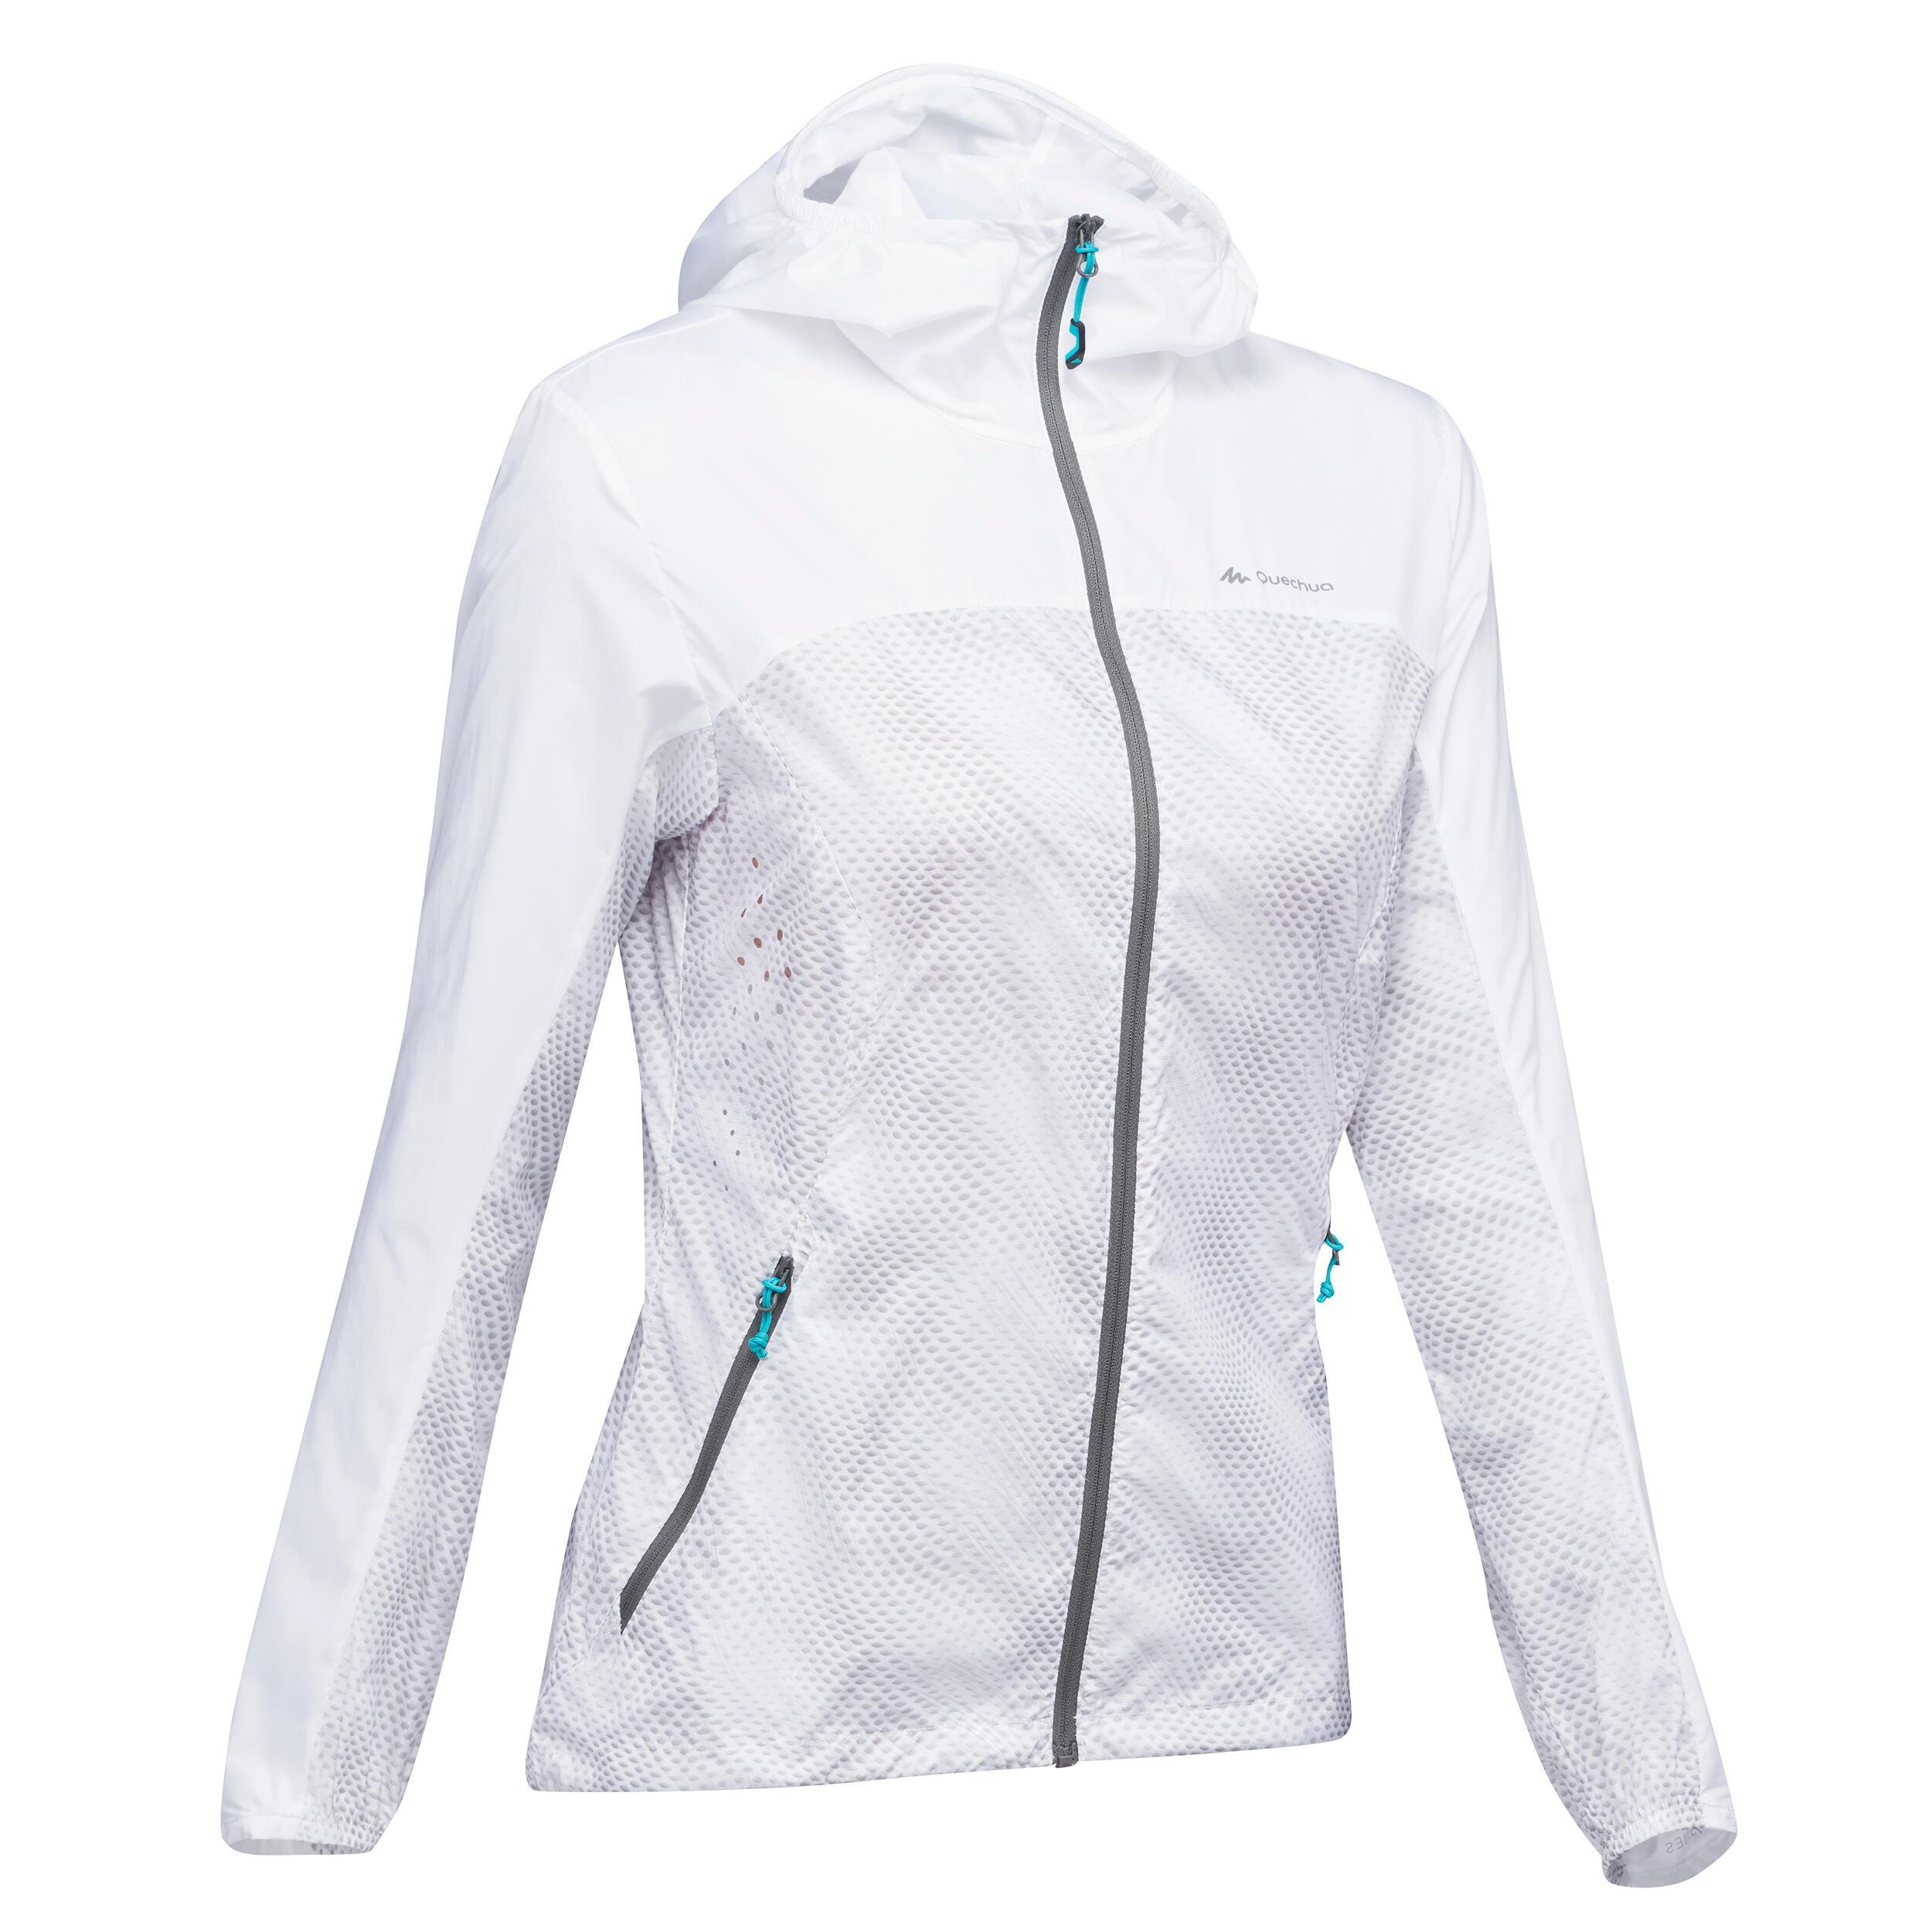 acheter populaire magasin vente chaude Veste coupe vent de randonnée rapide Femme FH500 Helium Wind Blanc